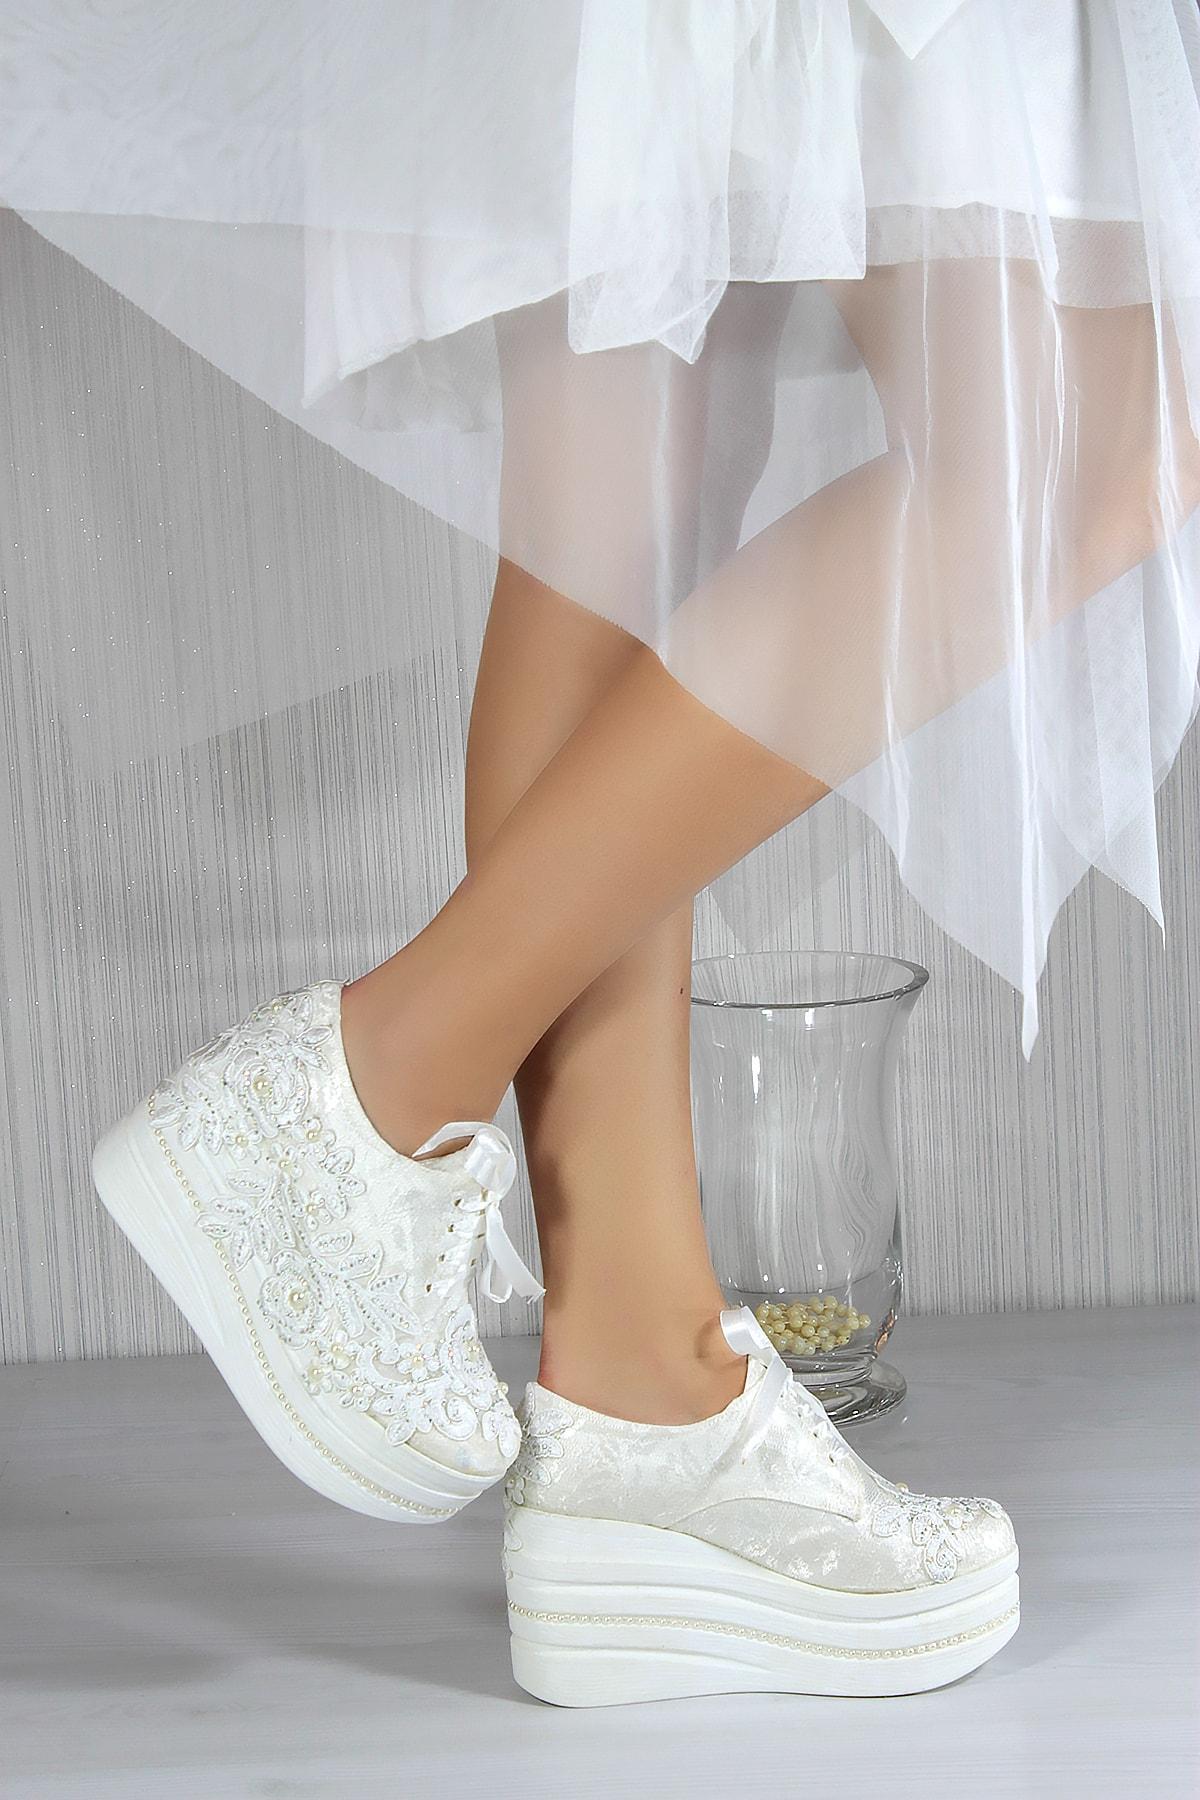 Carolina Beyaz Converse Gelin Ayakkabısı 18507